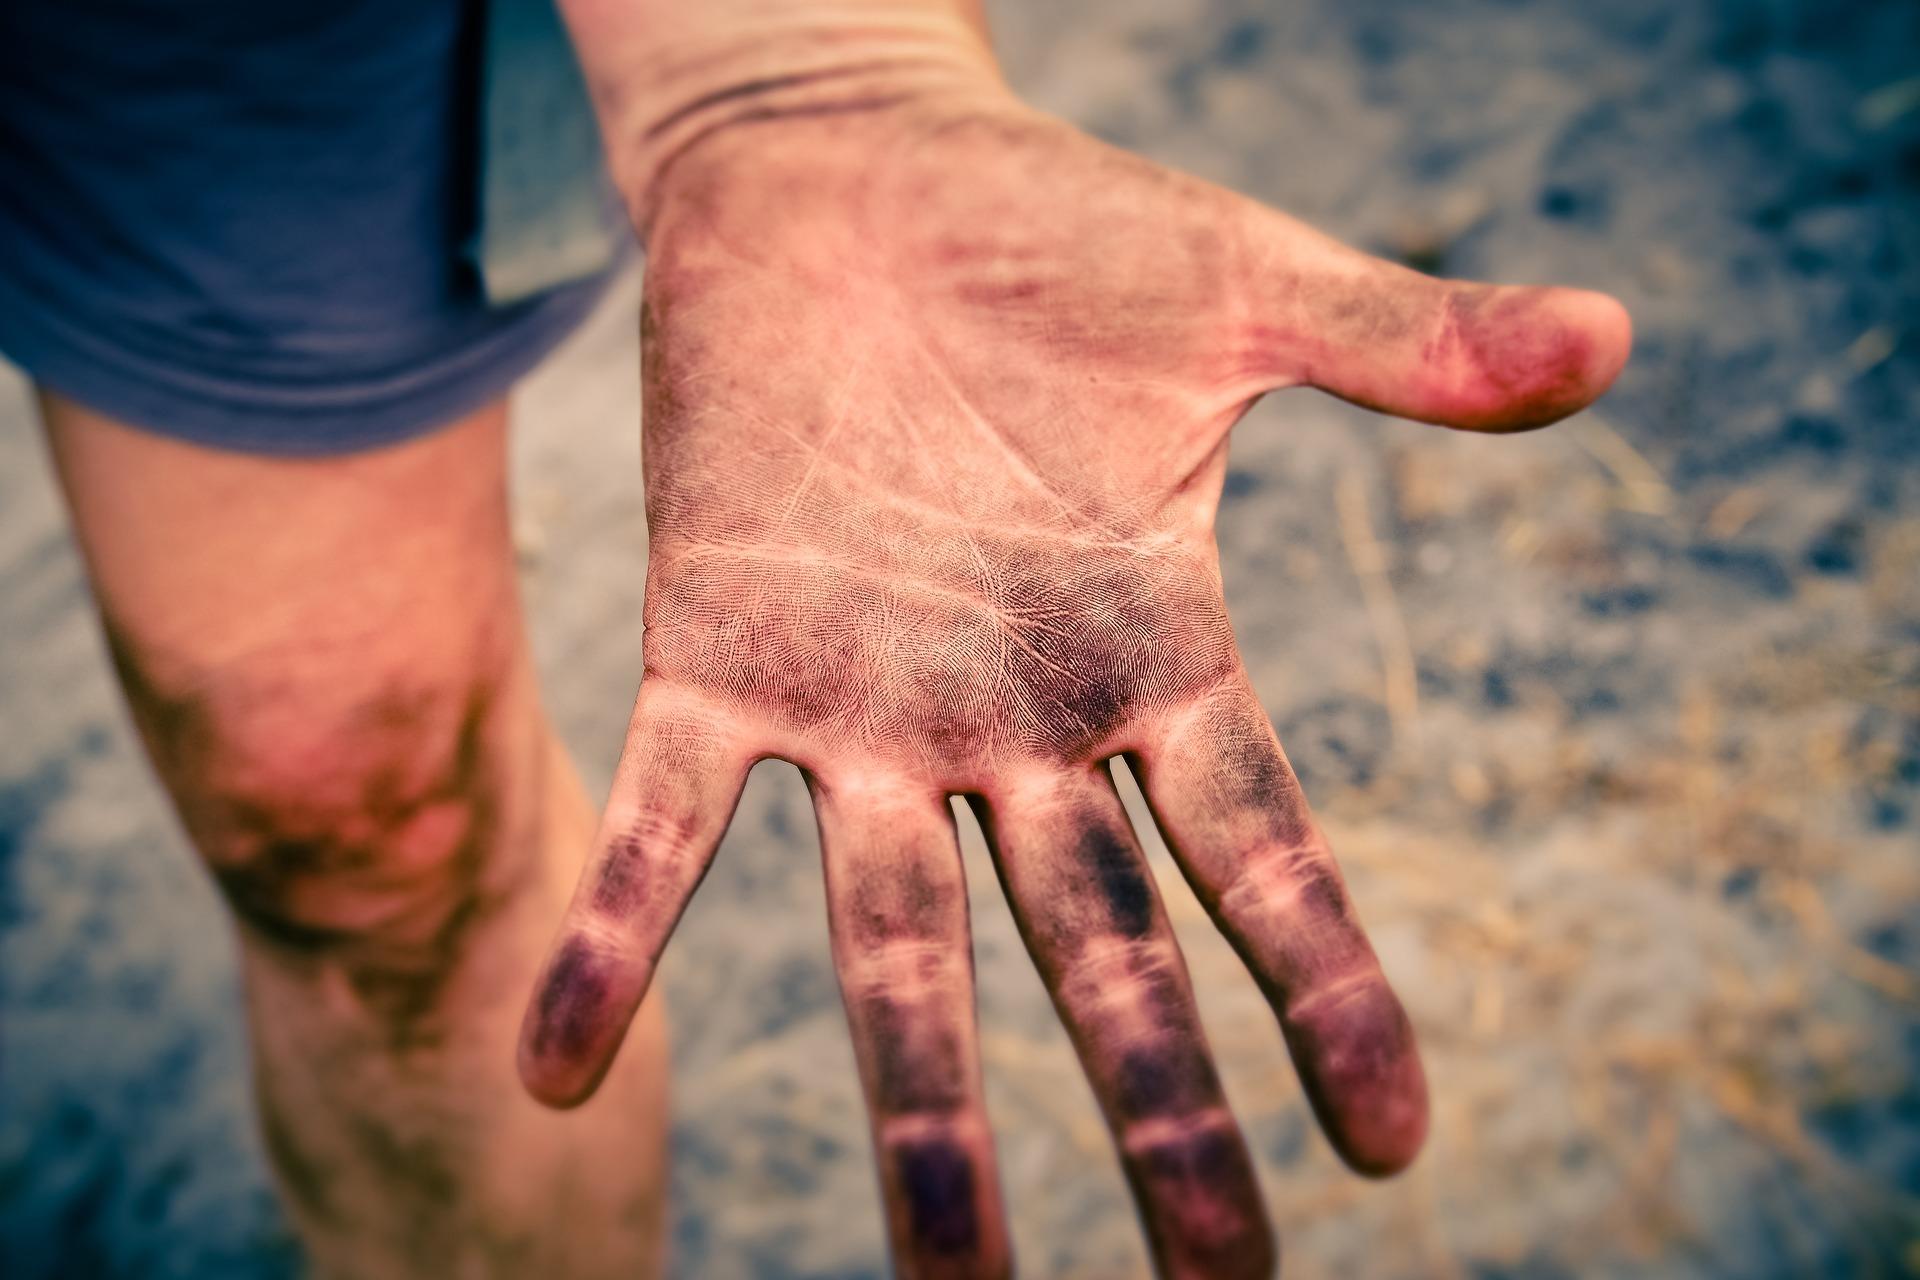 グローの汚れが手についた